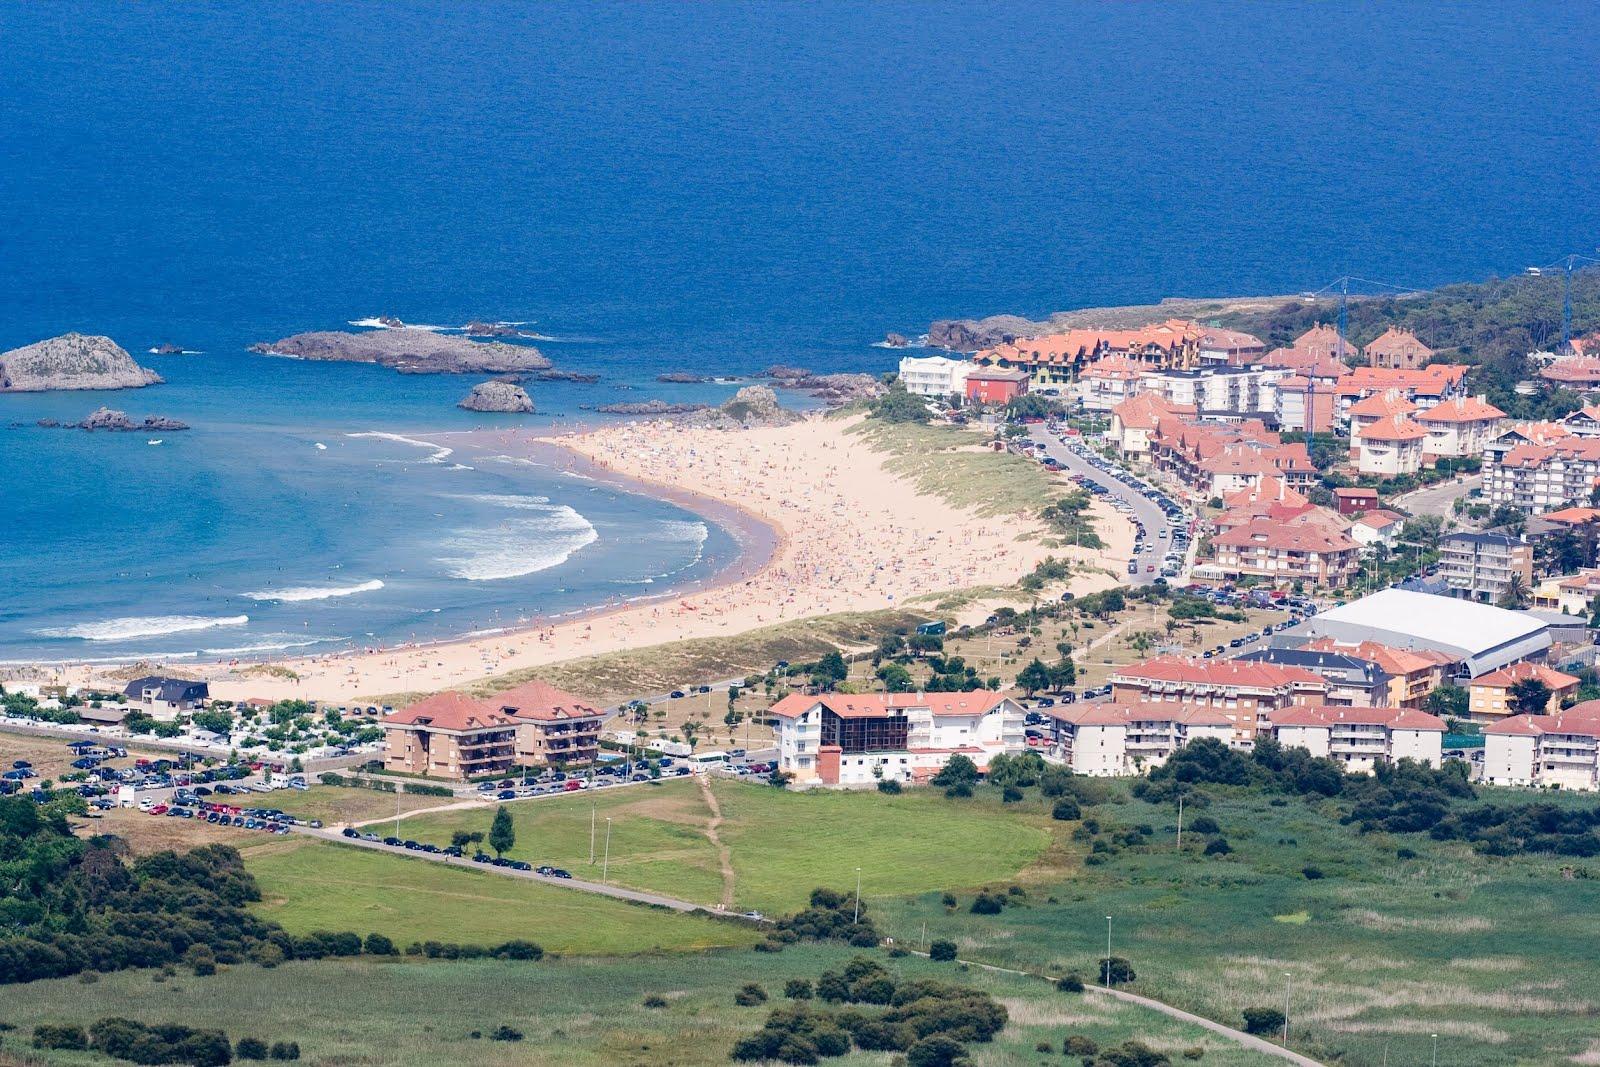 Idool ciudad junto a la costa en la isla cantabria espa a for Cantabria homes